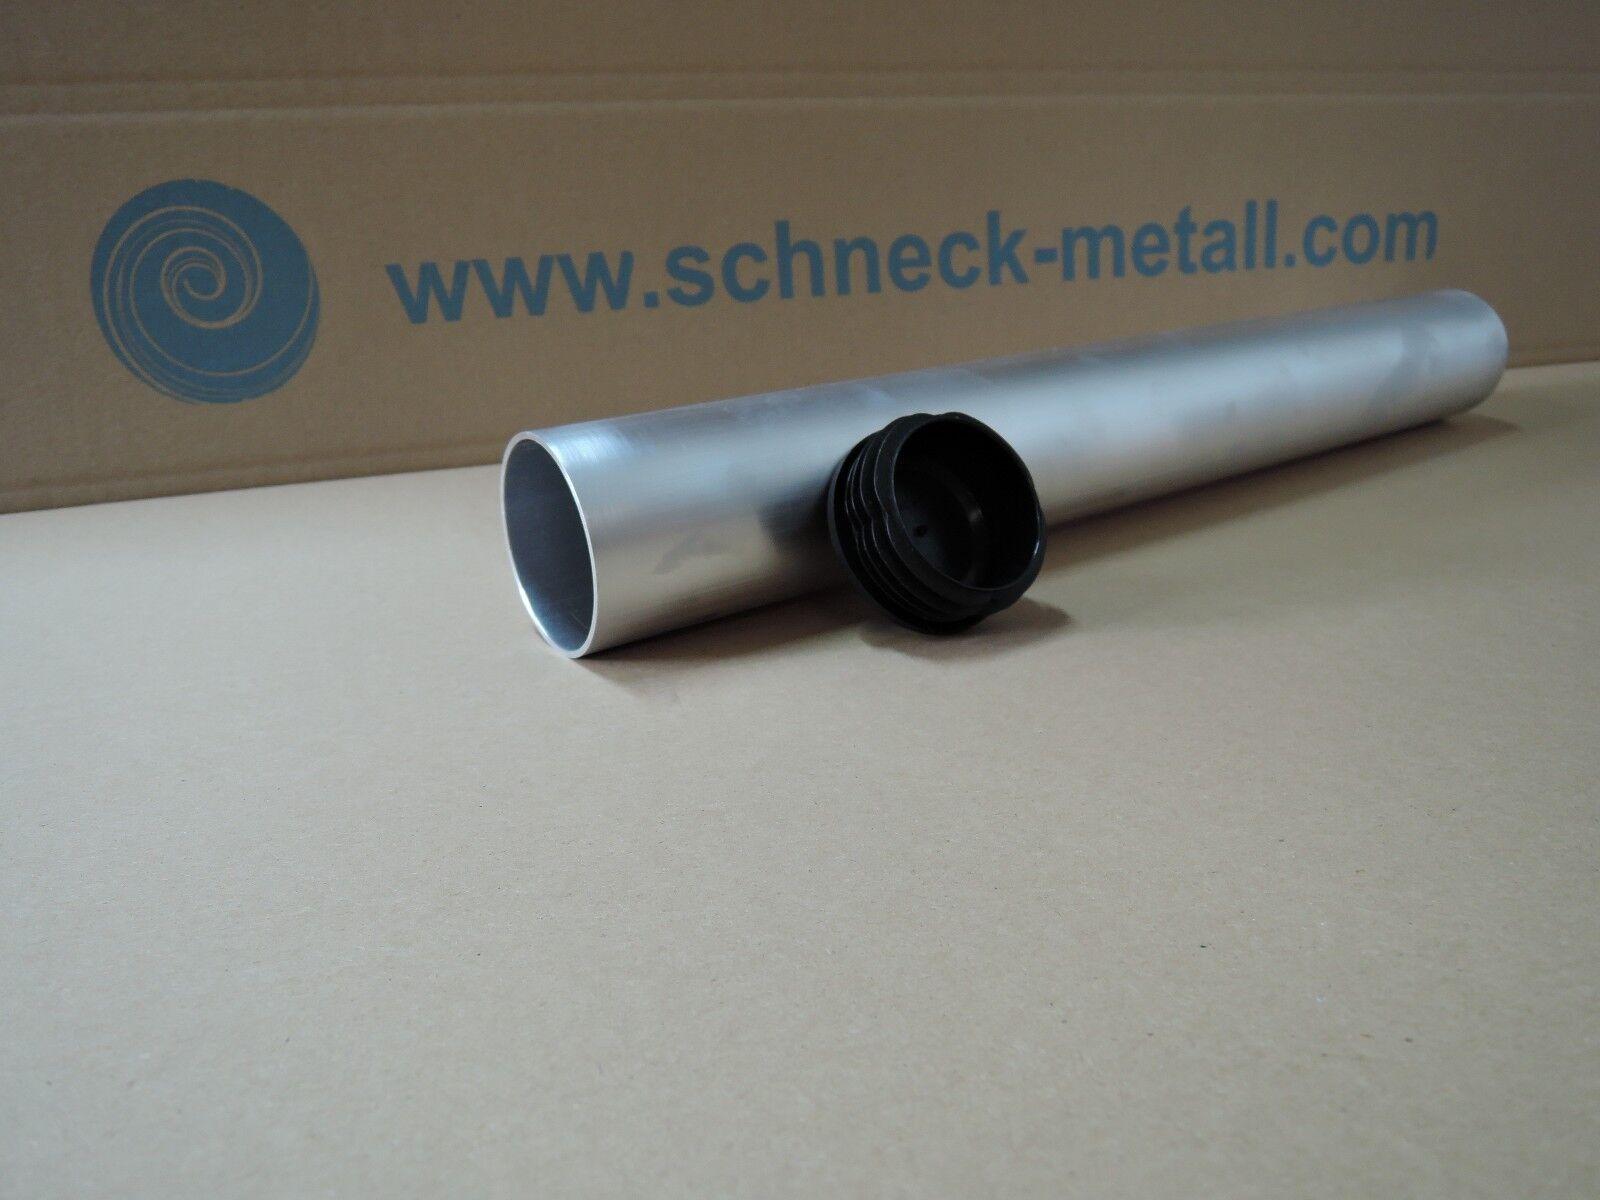 Bodenhülse für Sonnensegelmast 60mm 50cm Länge inkl. Abdeckkappe Sonnensegel